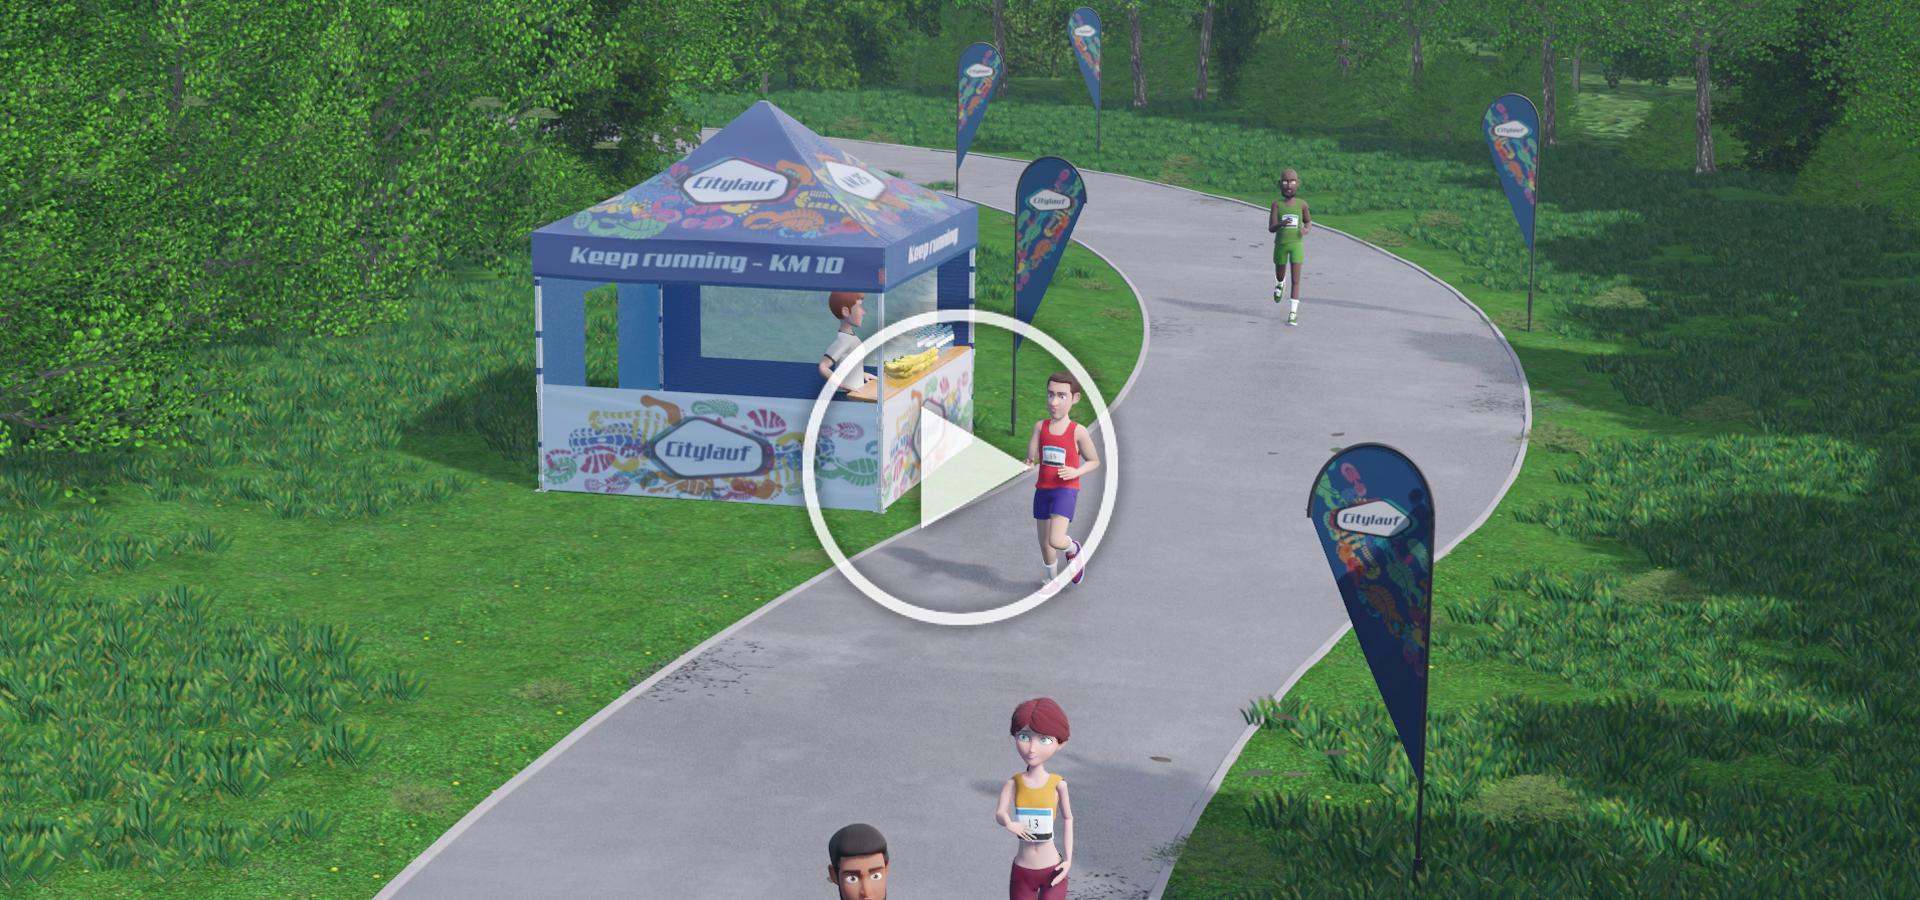 Ausschnitt des Videos zum Eventzelt, das im Rahmen eines Marathons eingesetzt wird, mit Play-Button.